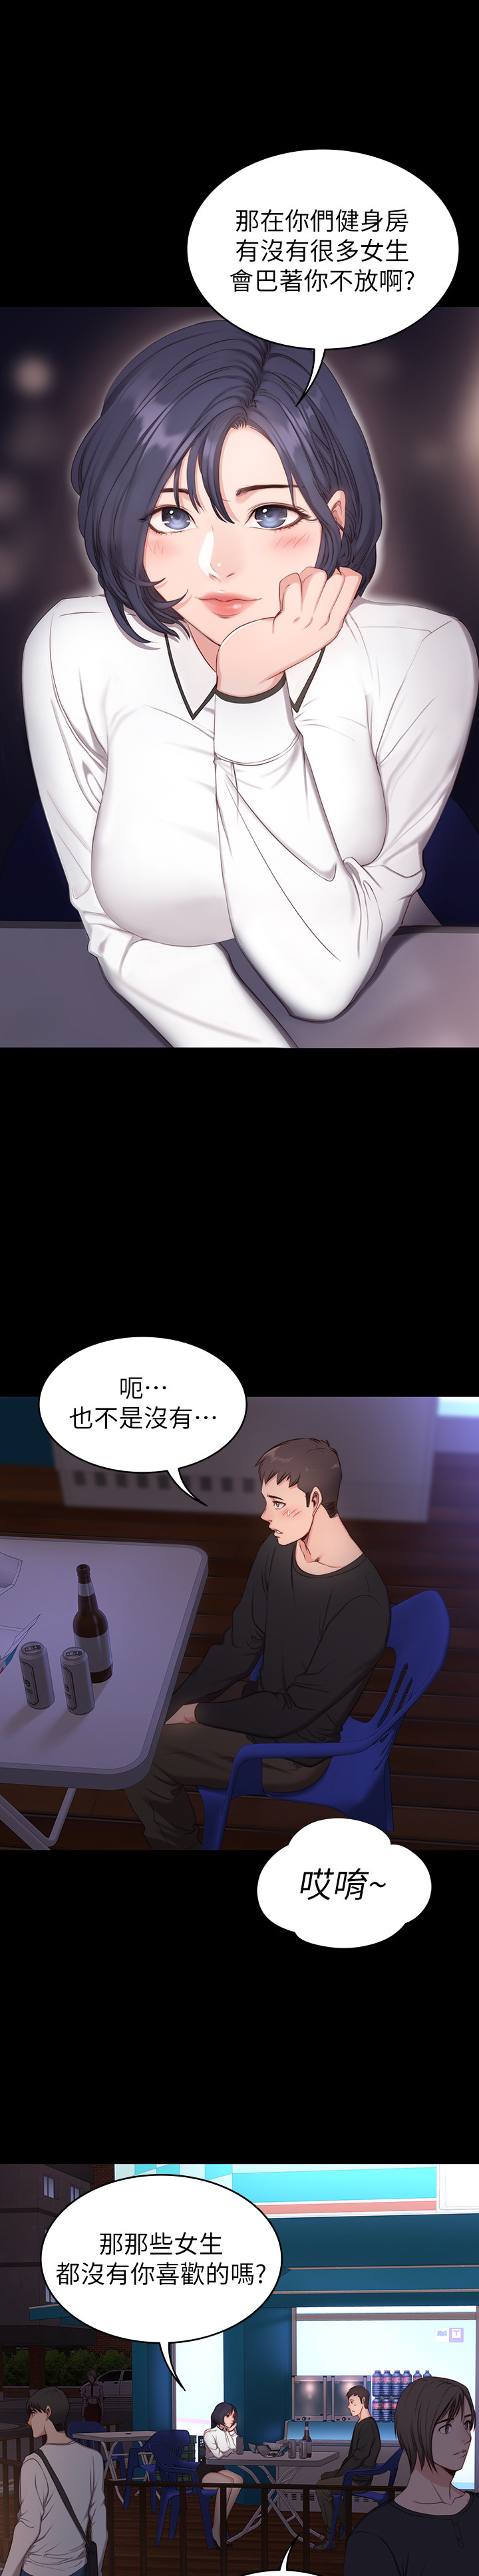 歪歪漫画vip账号共享2021地址健身教练韩漫在线阅读